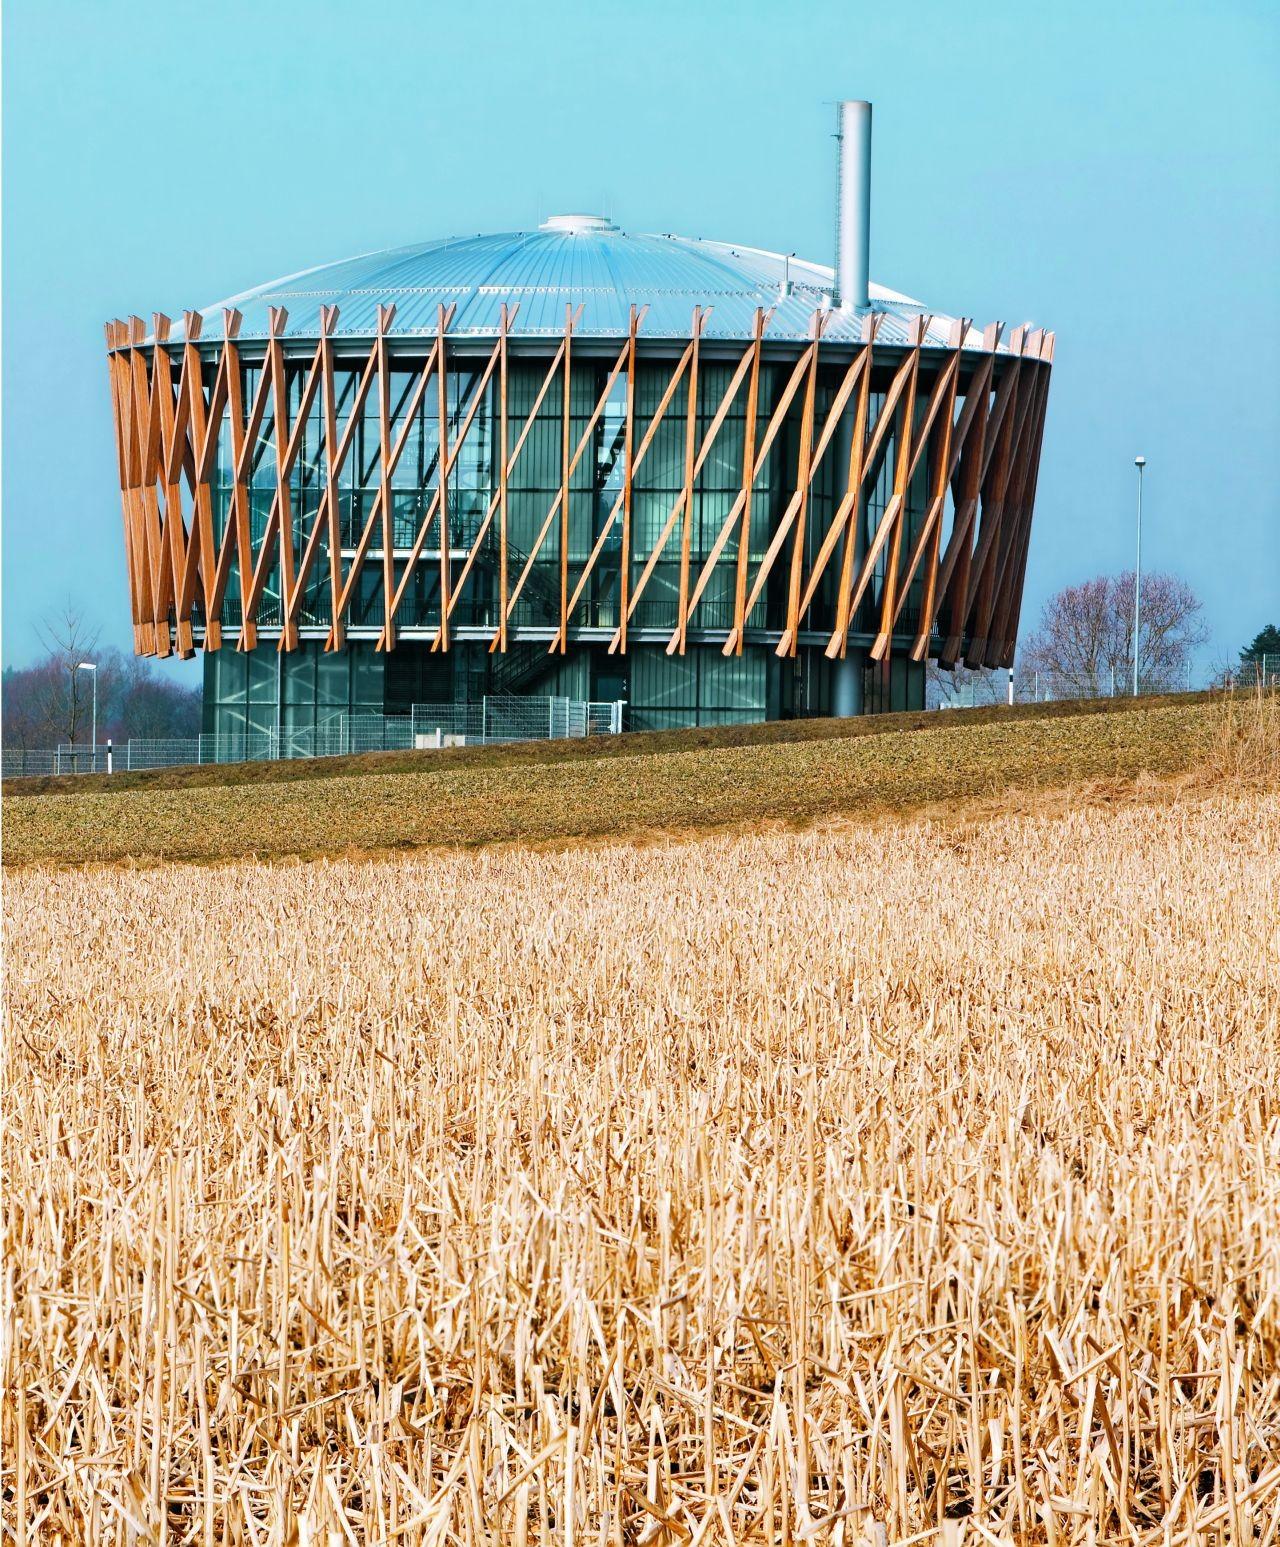 INDEX_BOOK_Biomass_Power_Plant©Jens_Weber__Munich.jpg